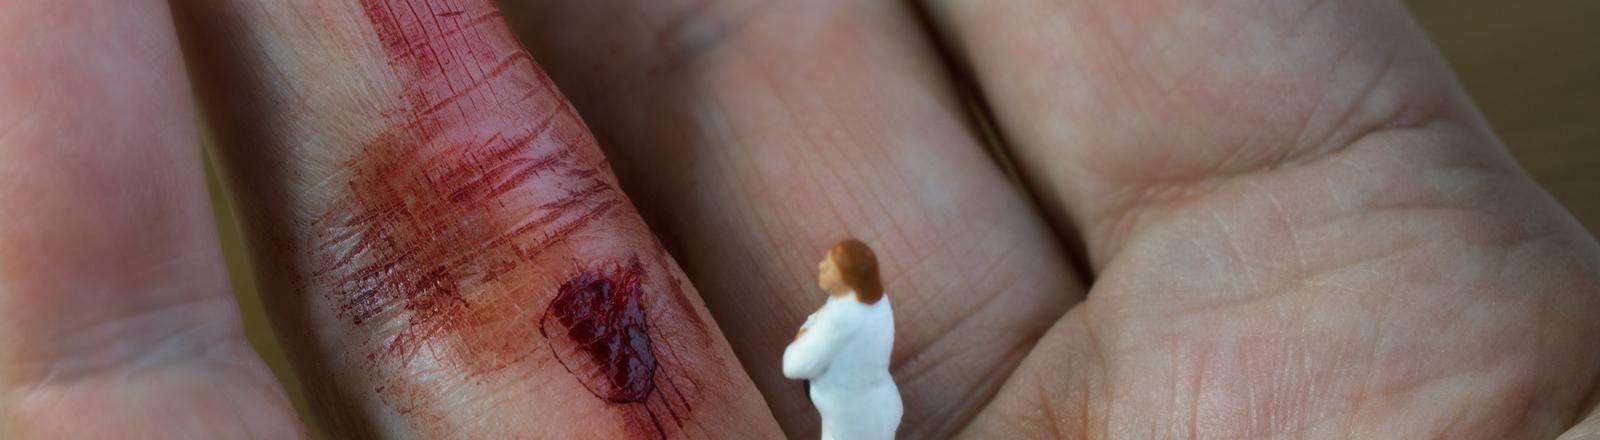 Zwei Figuren auf einer Handfläche mit einem verletzten und blutenden Finger